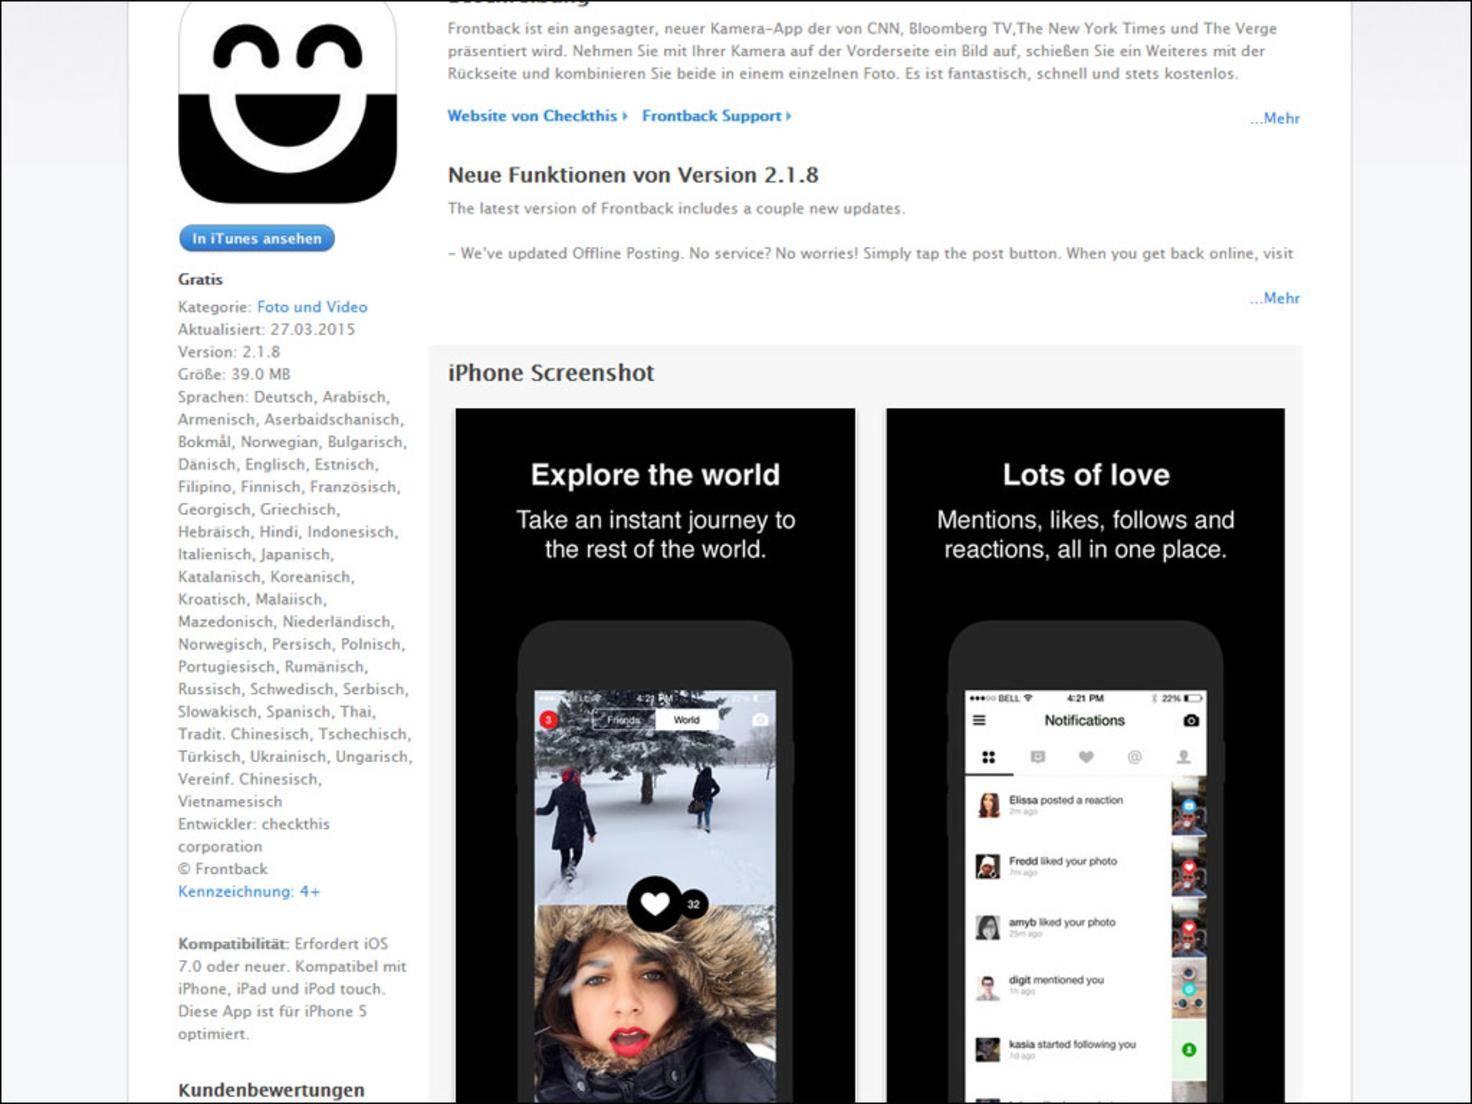 Frontback: Mit dieser App lassen sich Fotos von Vorder- und Rückseiten-Kamera automatisch kombinieren.